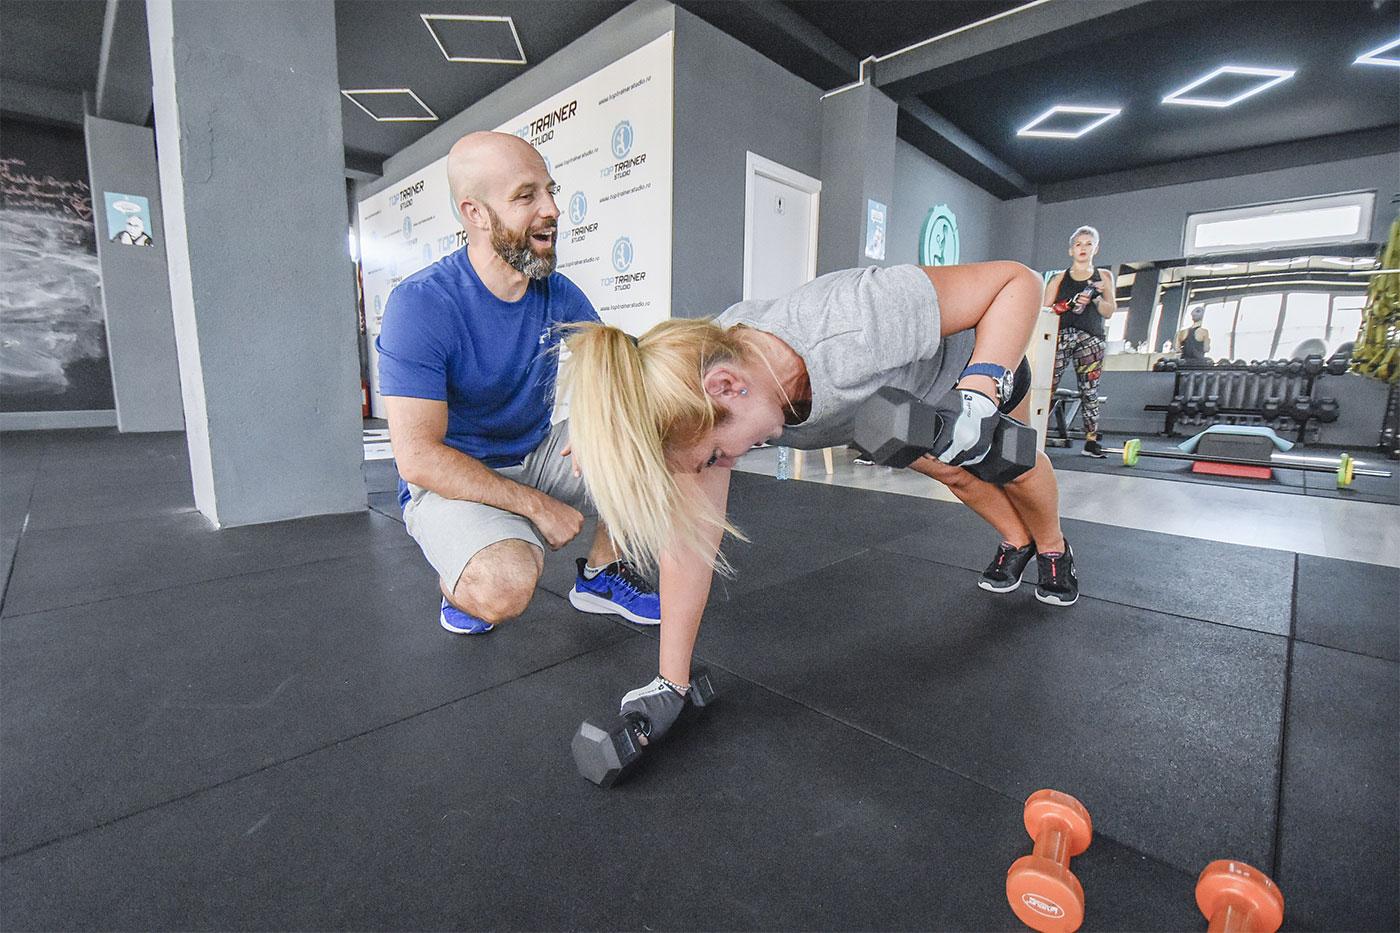 De ce mișcarea înseamnă mai mult decât pierderea greutății sau tonifierea musculaturii